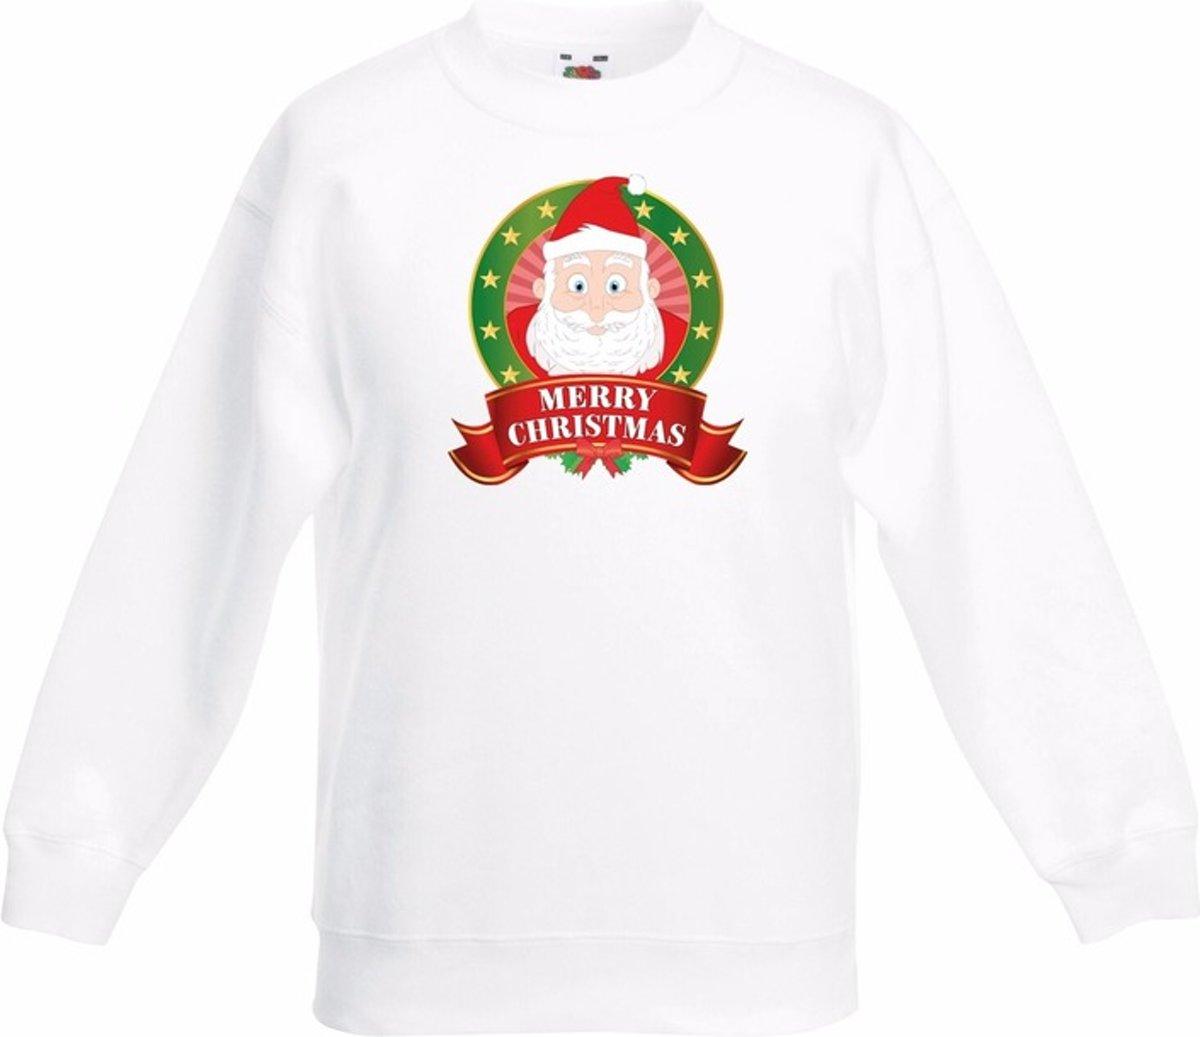 Kerst sweater voor kinderen met Kerstman print - wit - jongens en meisjes sweater 14-15 jaar (170/176) kopen